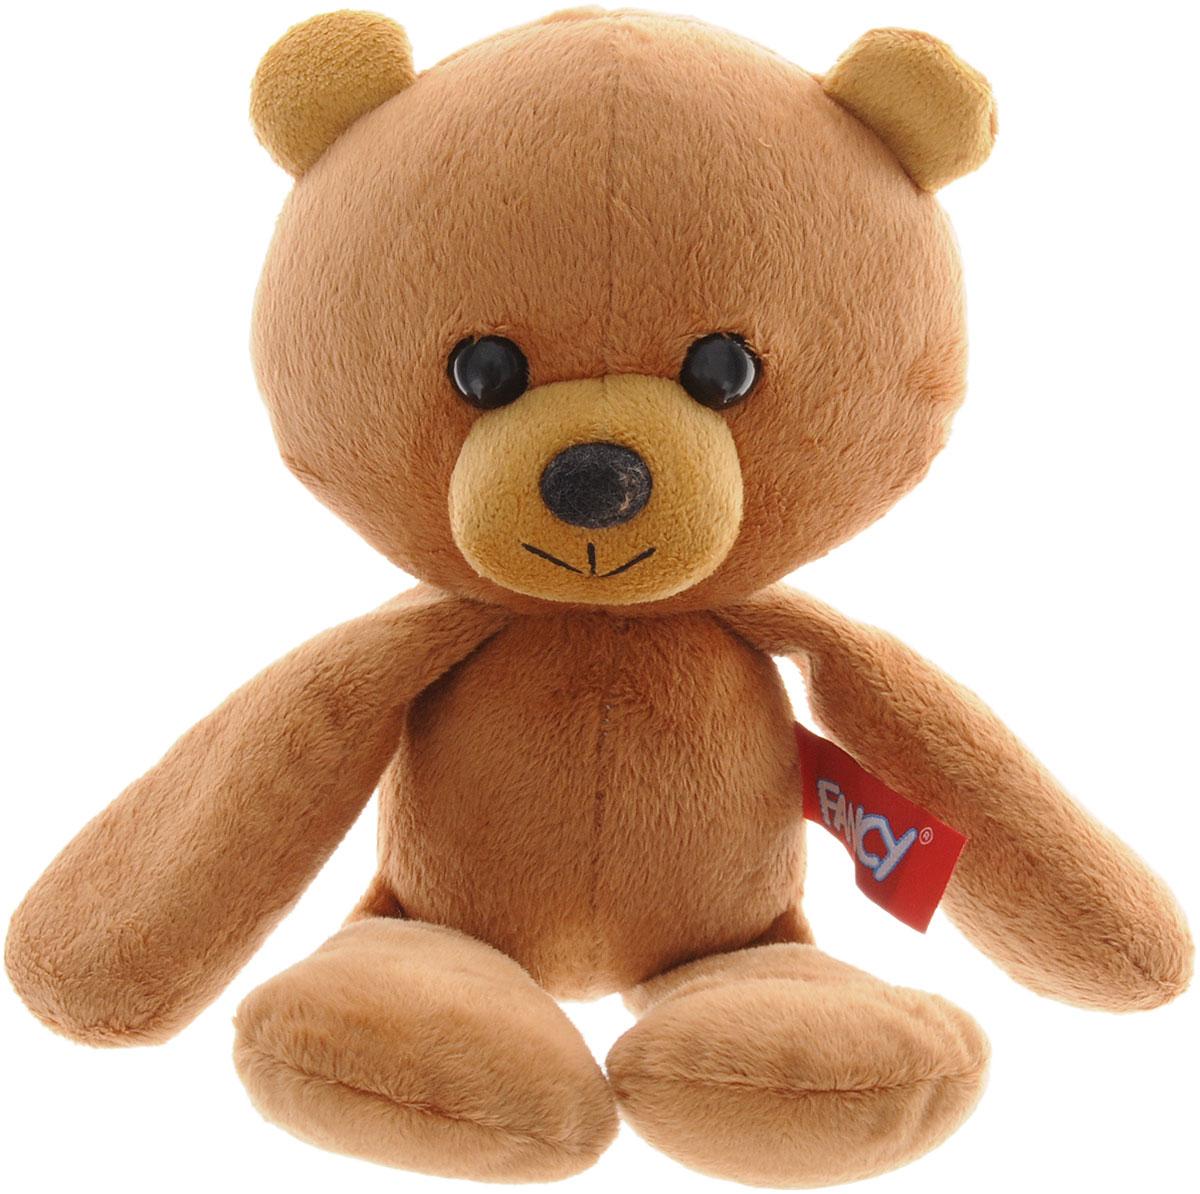 Fancy Мягкая игрушка Мишка Бобо 26 см fancy мягкая игрушка собака эля 14 5 см